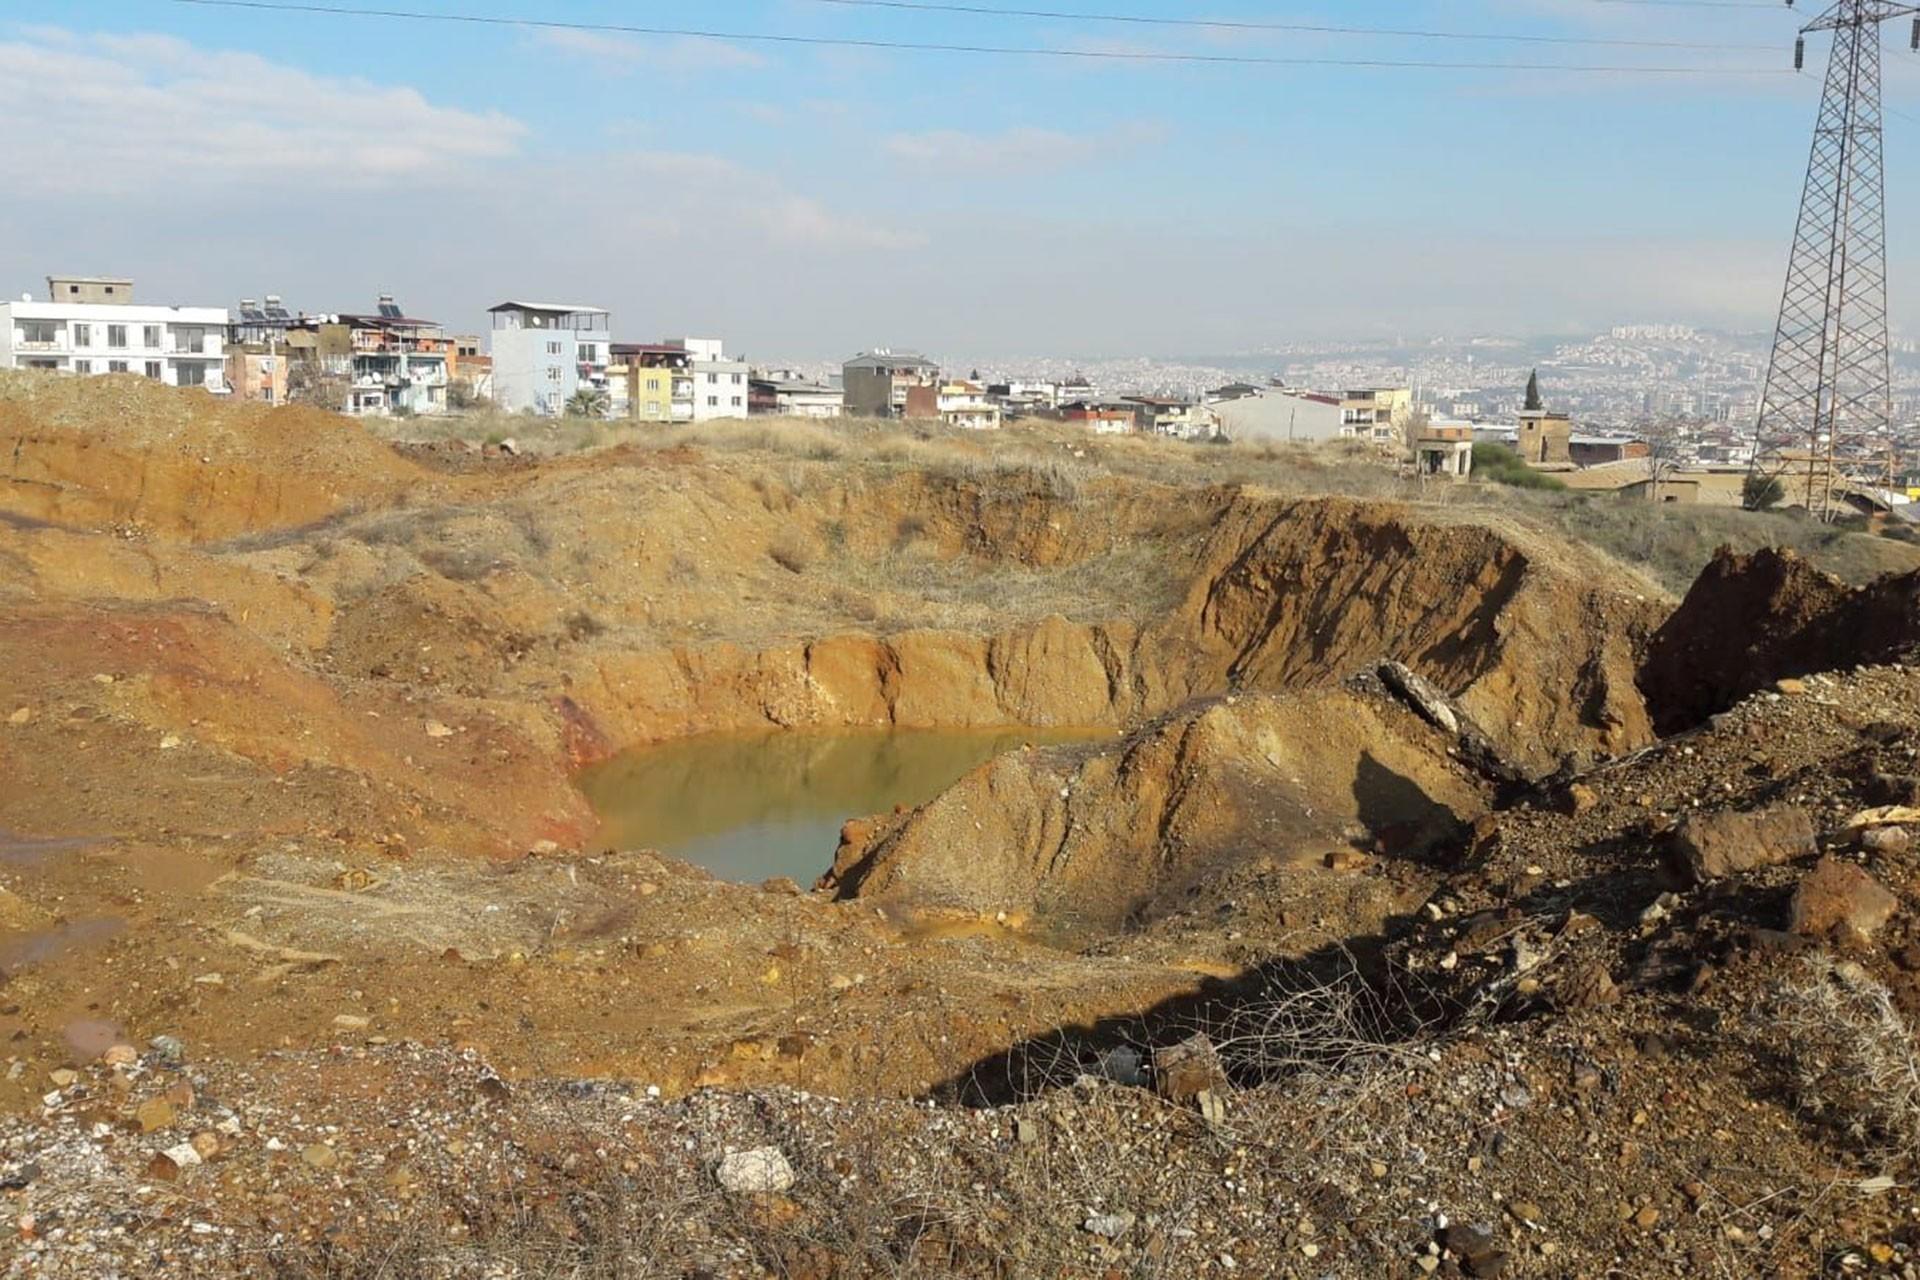 İzmir'in Çernobili denilen bölge